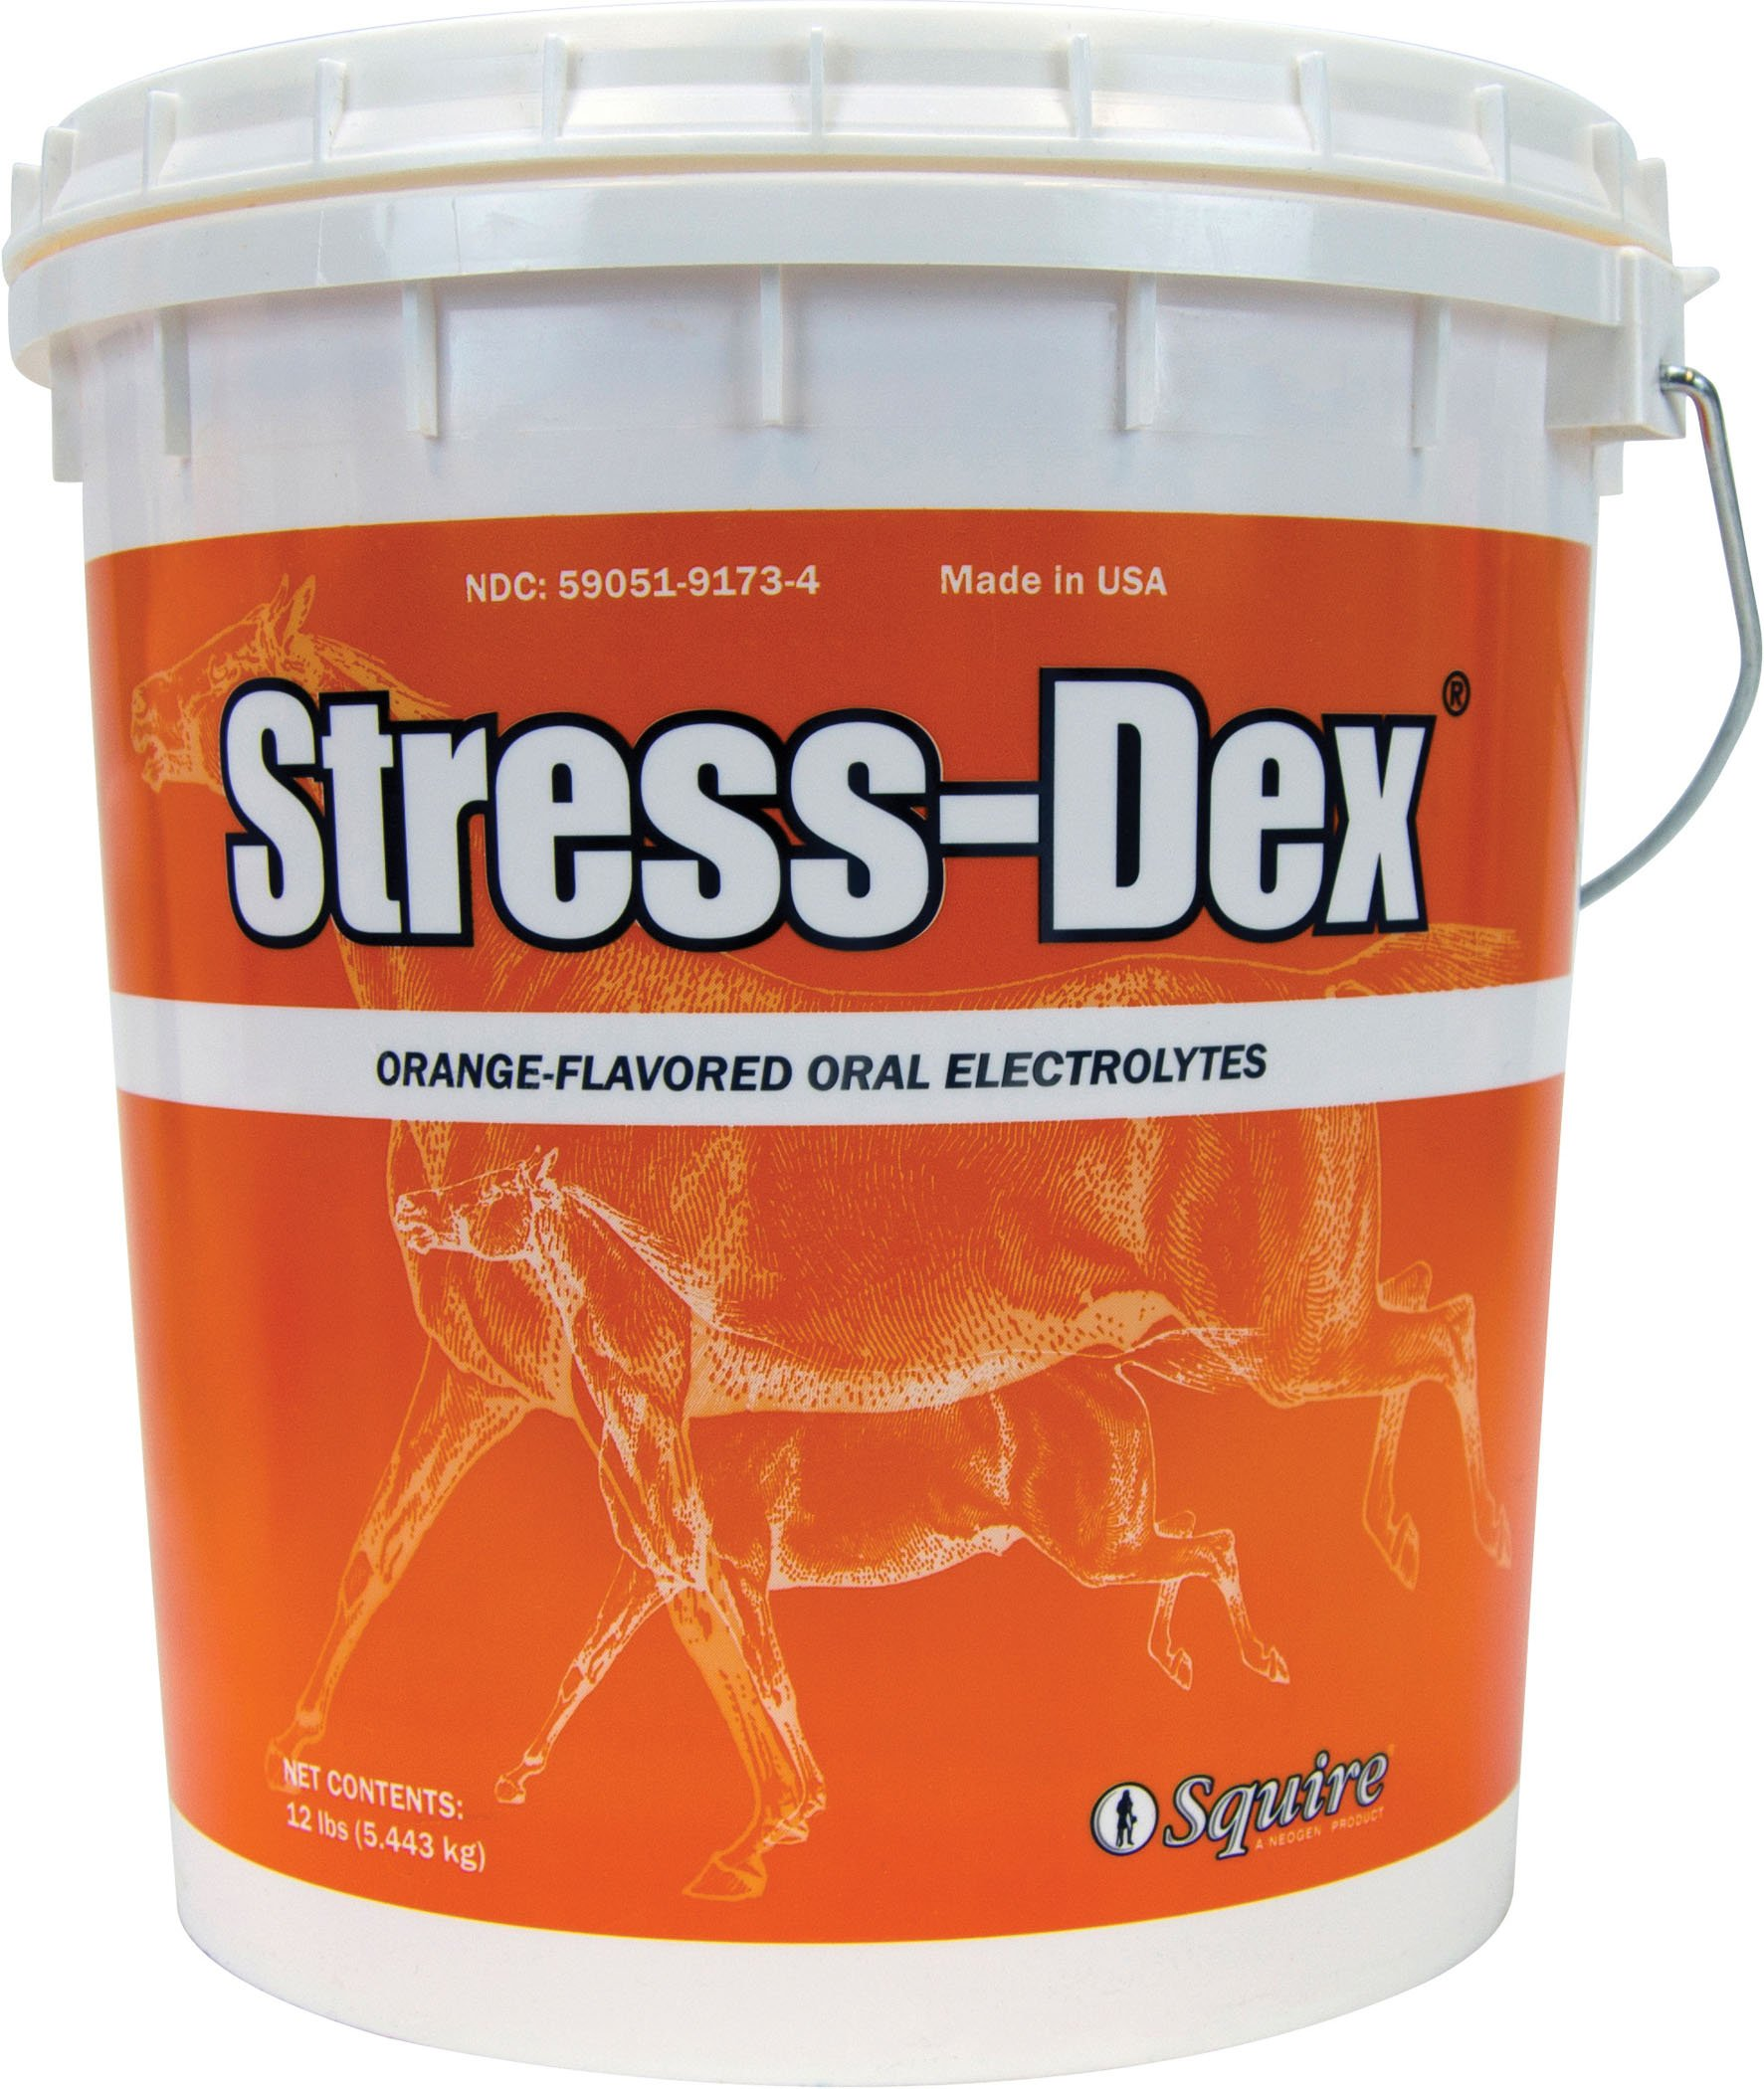 Neogen Squire D Stress-Dex Electrolyte Powder 580236